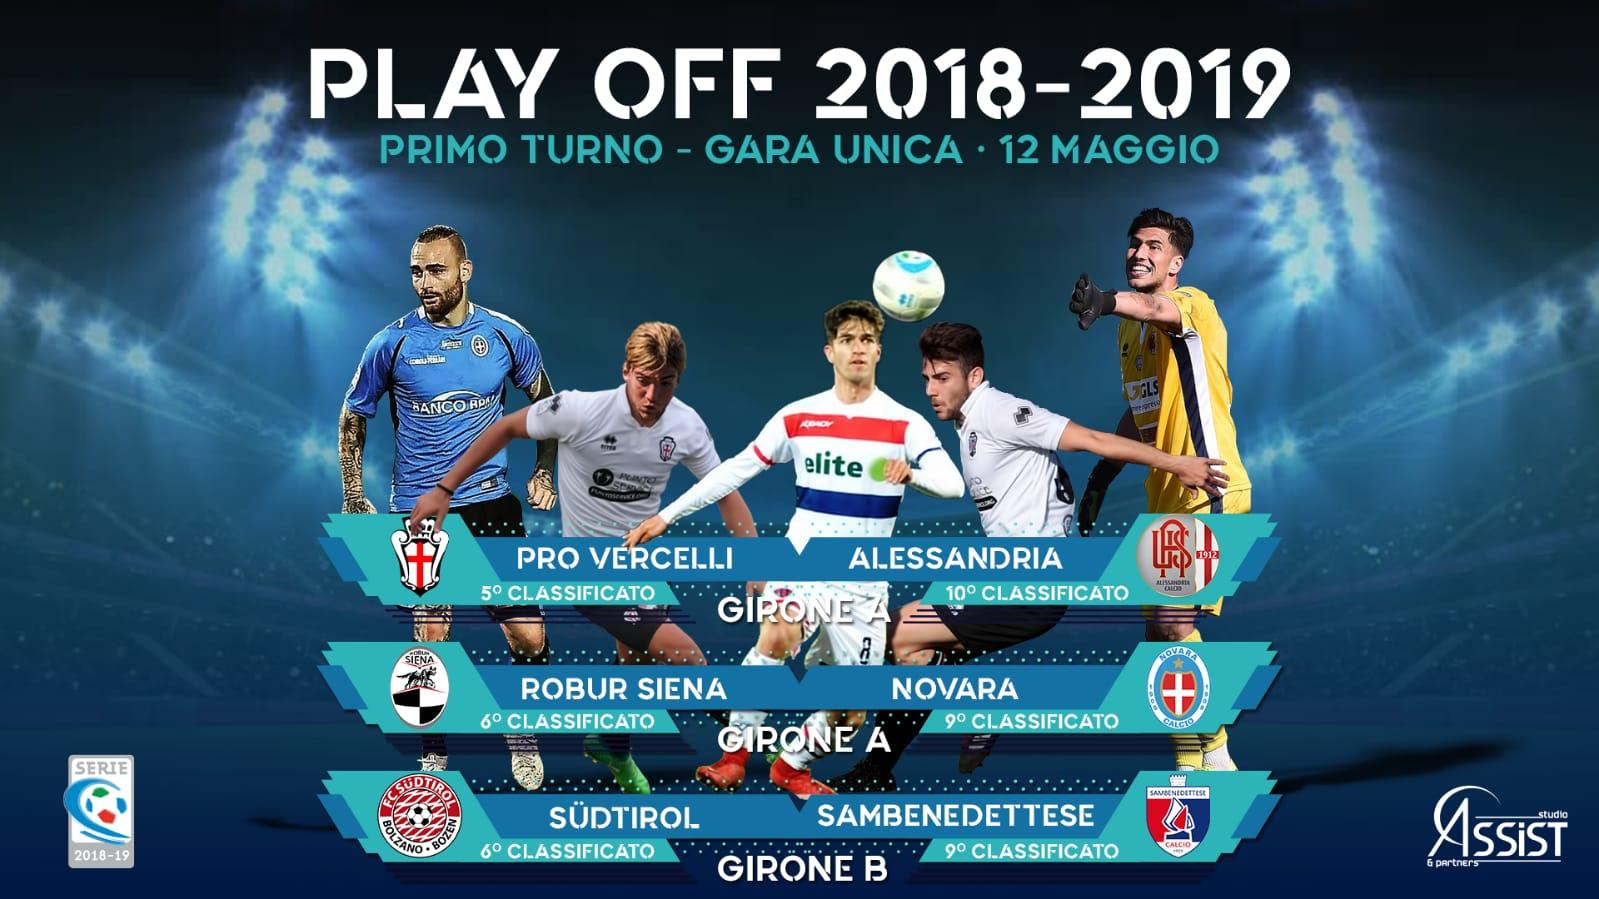 playoff-2018-19-legapro Scattano i playoff di Lega Pro: cinque giocatori di Studio Assist & Partners subito in campo